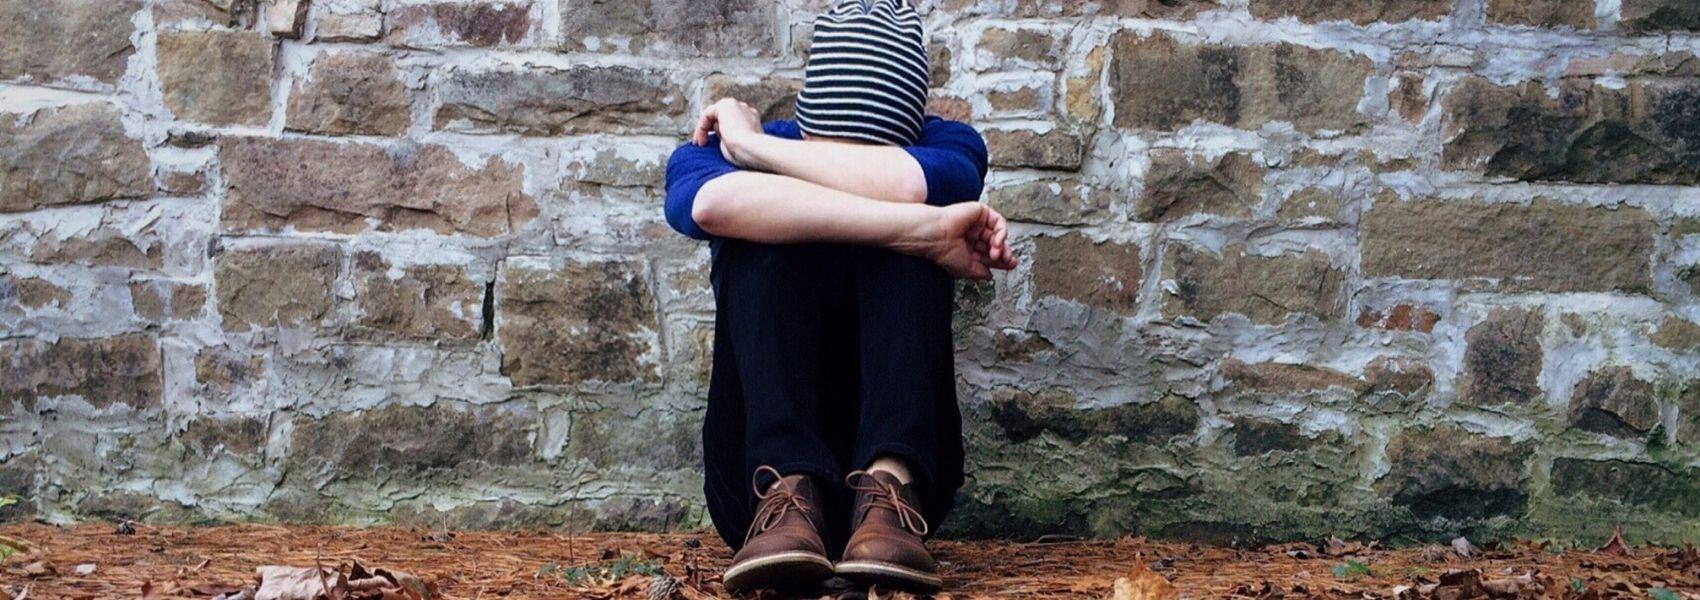 Três em cada dez adolescentes com sintomas depressivos e 10% em risco de suicídio